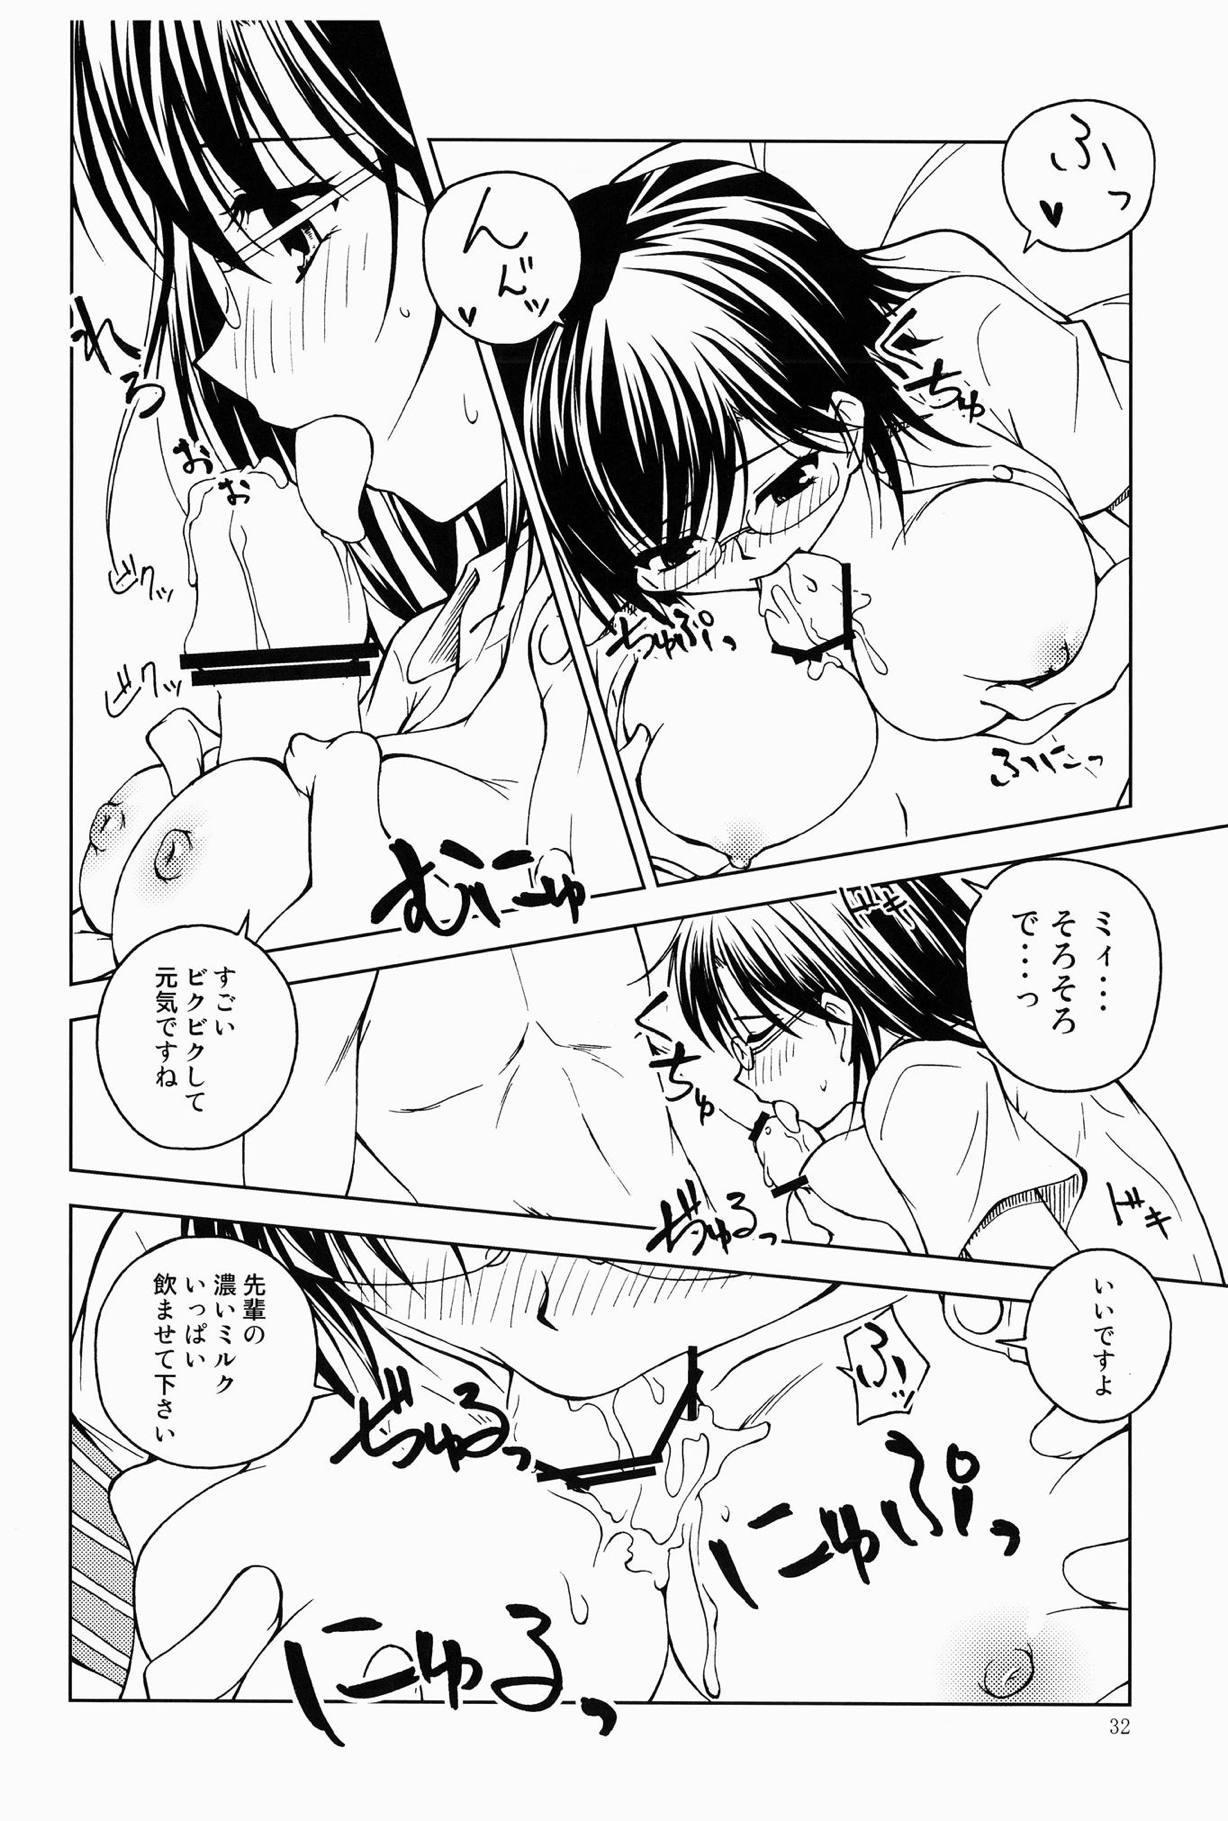 Touma to Misaka to Railgun 30